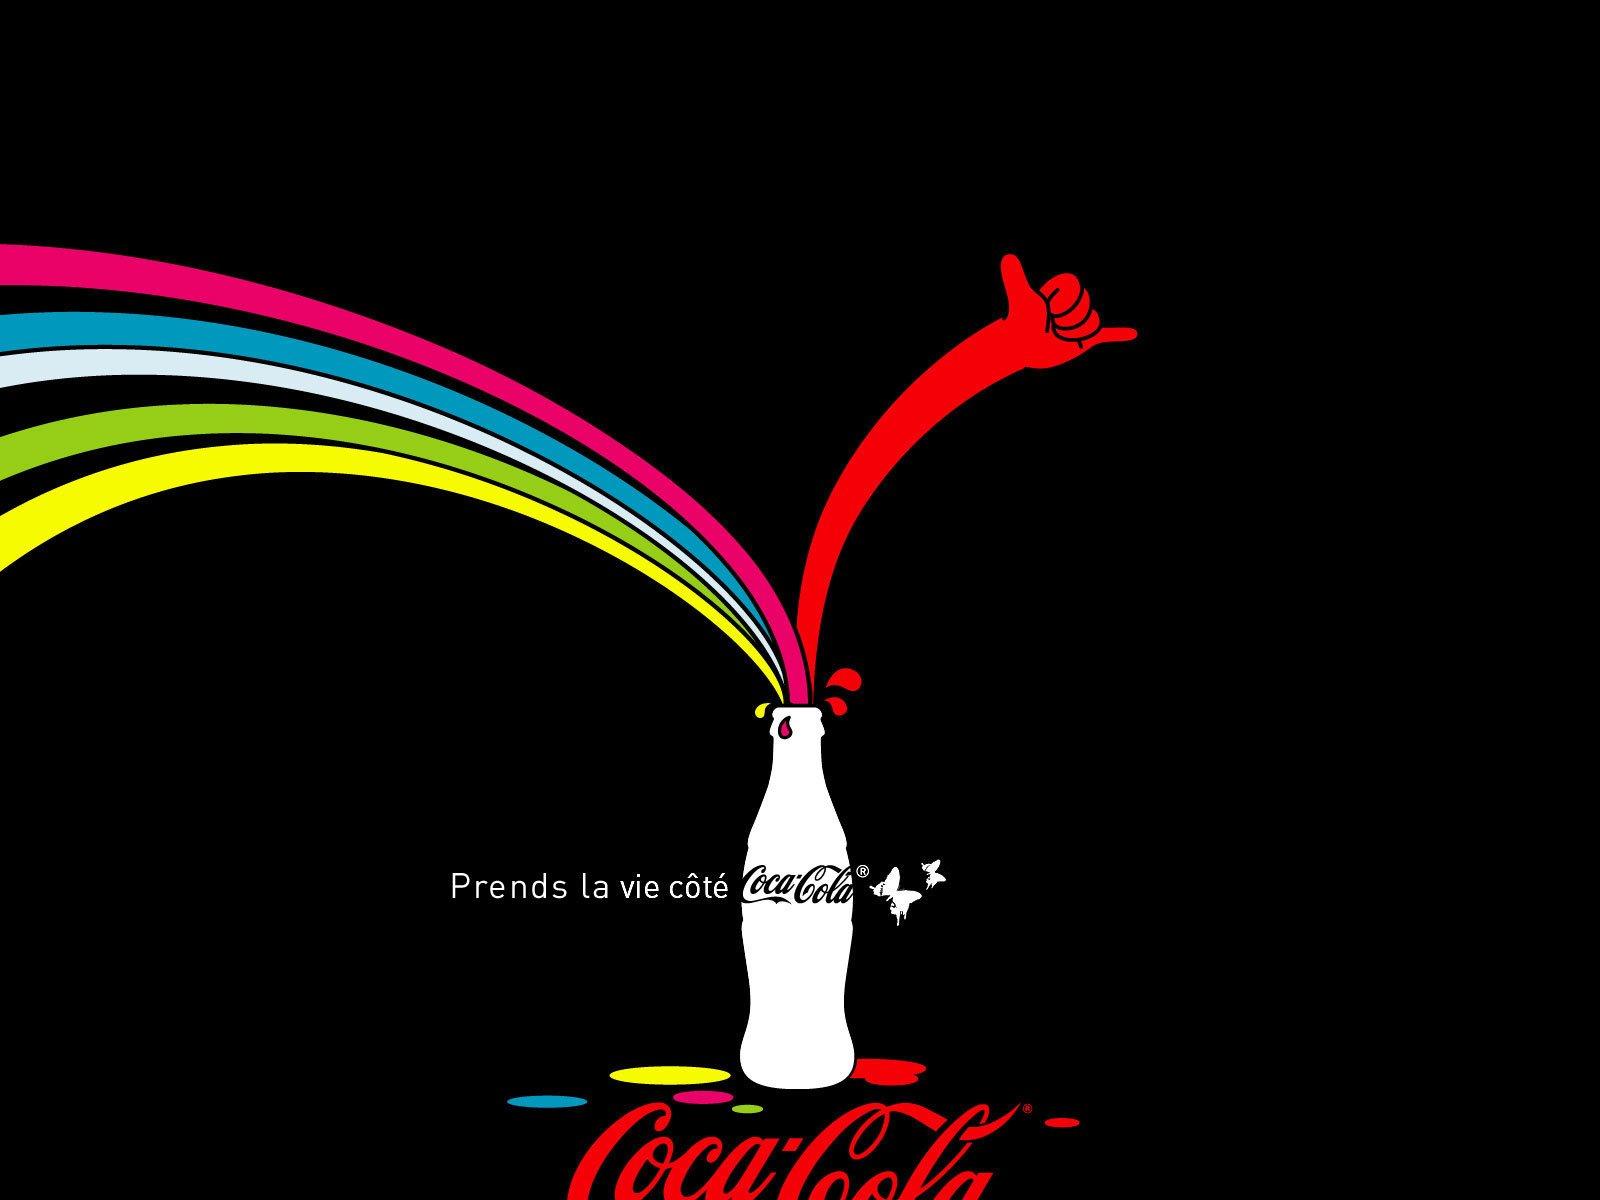 可口可乐创意海报和广告设计(2)图片